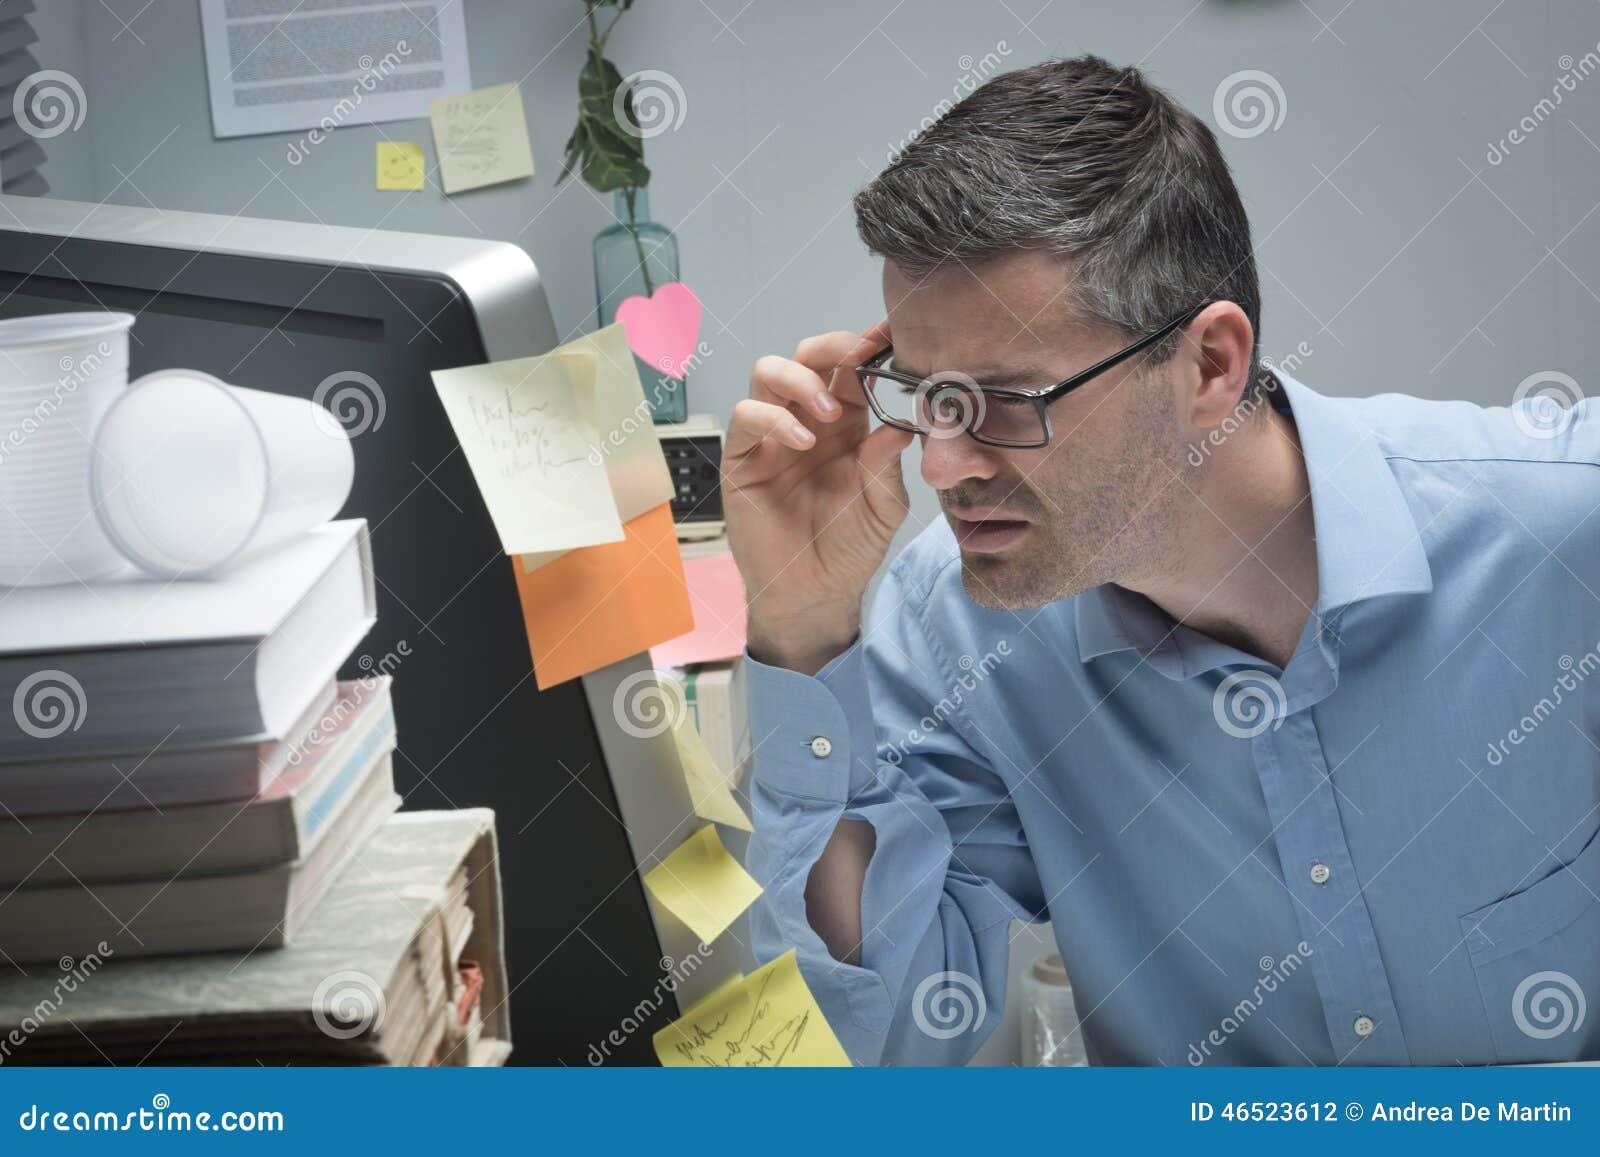 64b3f3e7e3 Γυαλιά εκμετάλλευσης επιχειρηματιών και να κοιτάξει επίμονα στην  κινηματογράφηση σε πρώτο πλάνο υπολογιστών